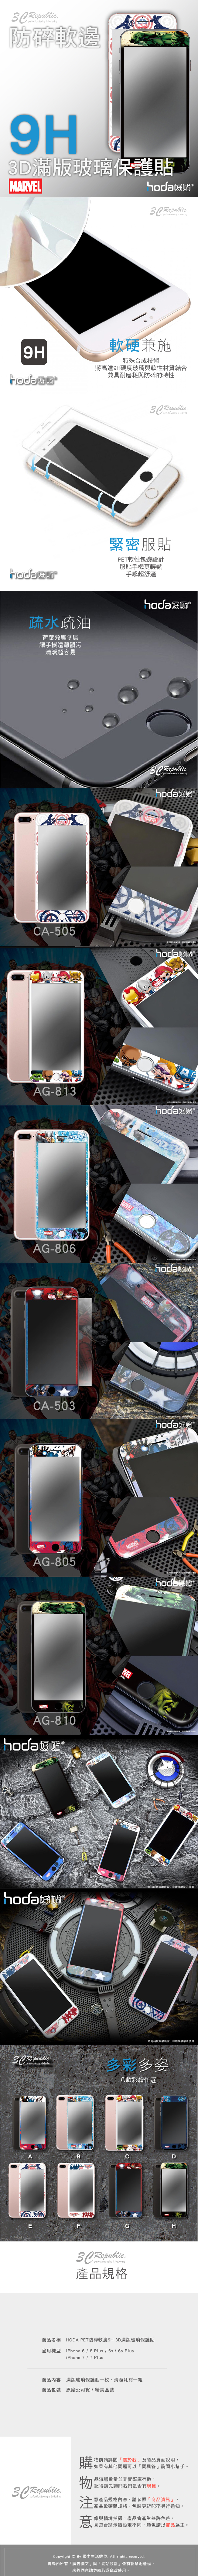 臺北3C旗艦店-HODA 9H 3D 滿版 玻璃貼 iPhone 8 7 6 6s Plus 保護貼 防碎 軟邊 復仇者